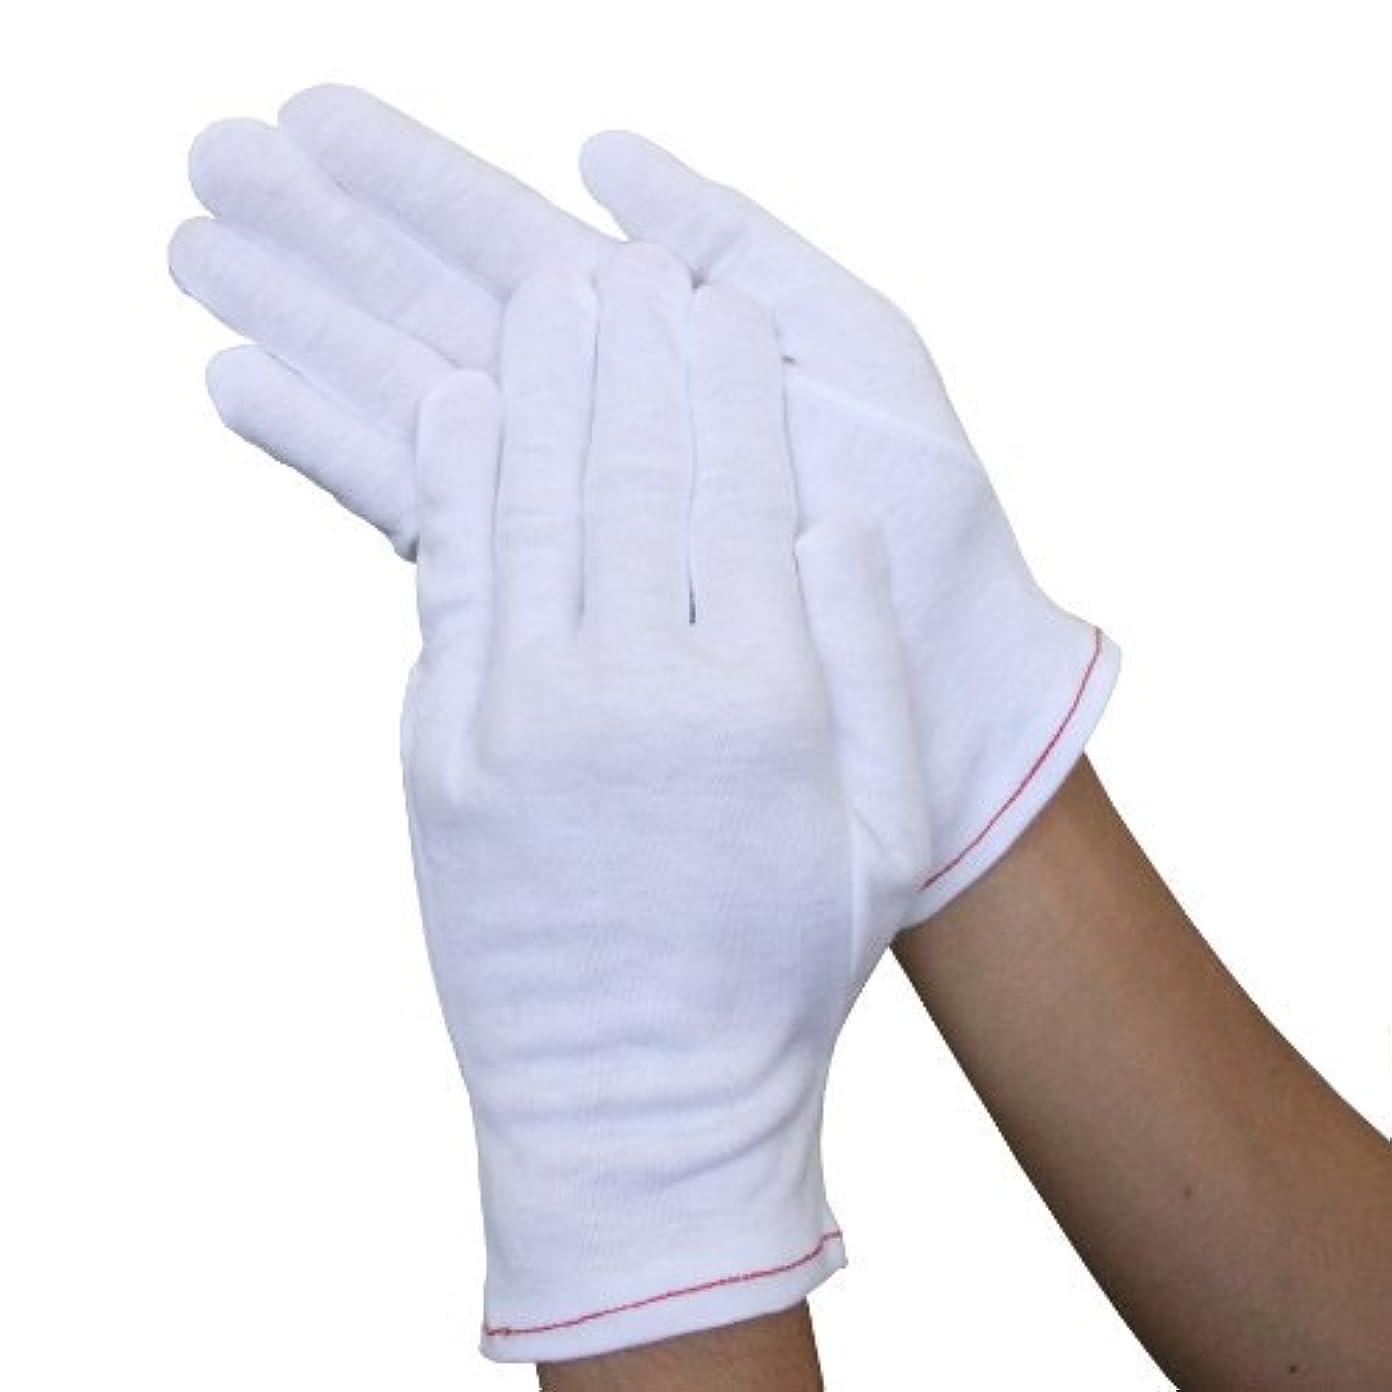 荒れ地考古学者アナウンサーウインセス 【心地よい肌触り/おやすみ手袋】 綿100%手袋 (1双) (M)